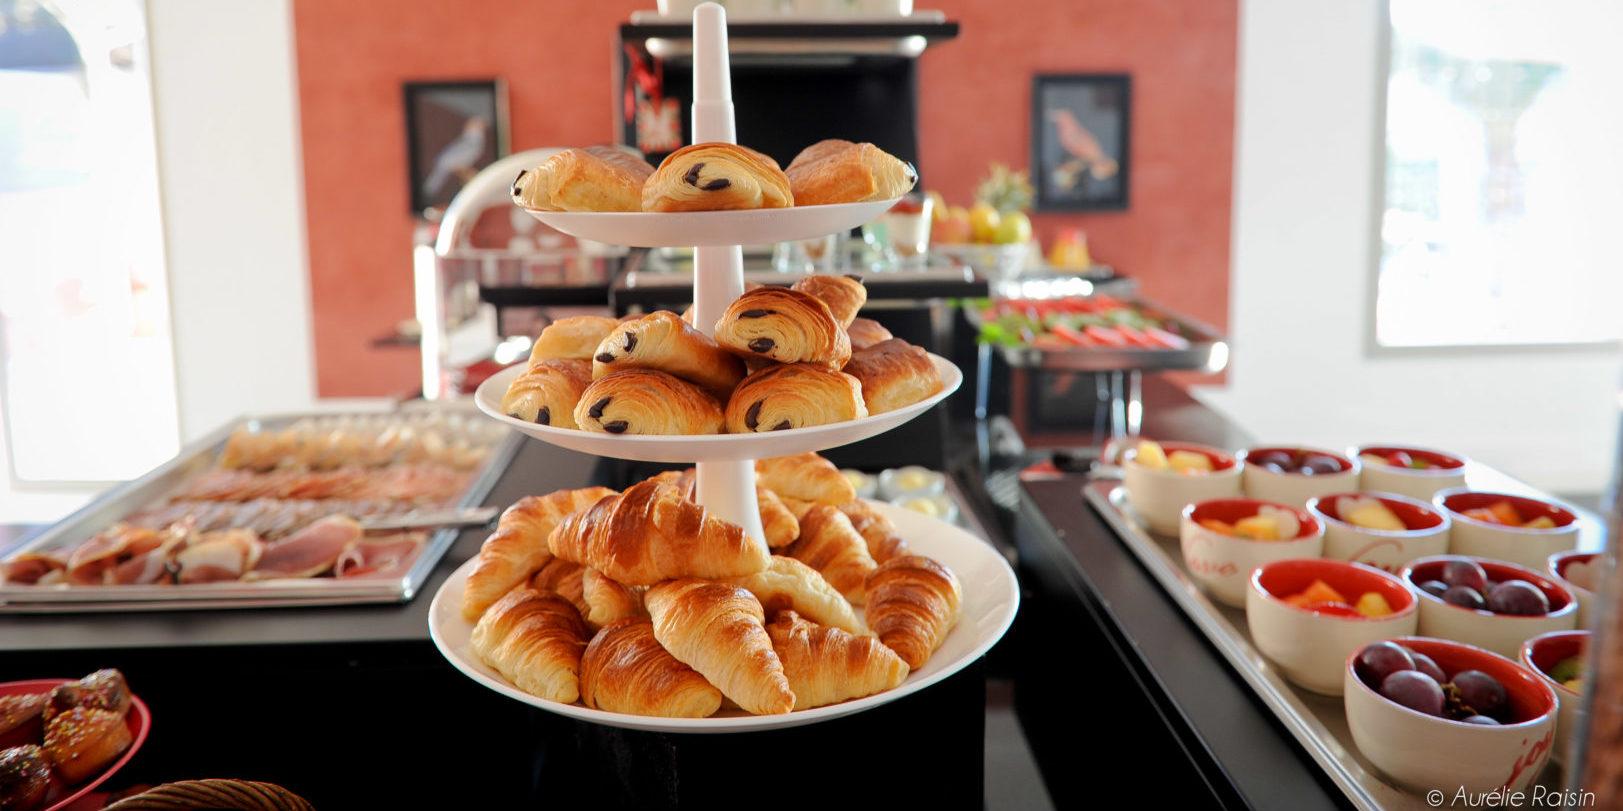 Boutique Hotel Liberata Ile Rousse Balagne Corsica Frankrijk ontbijtbuffet viennoiseries croissantjes pain-au-chocolat chocolatine fruit